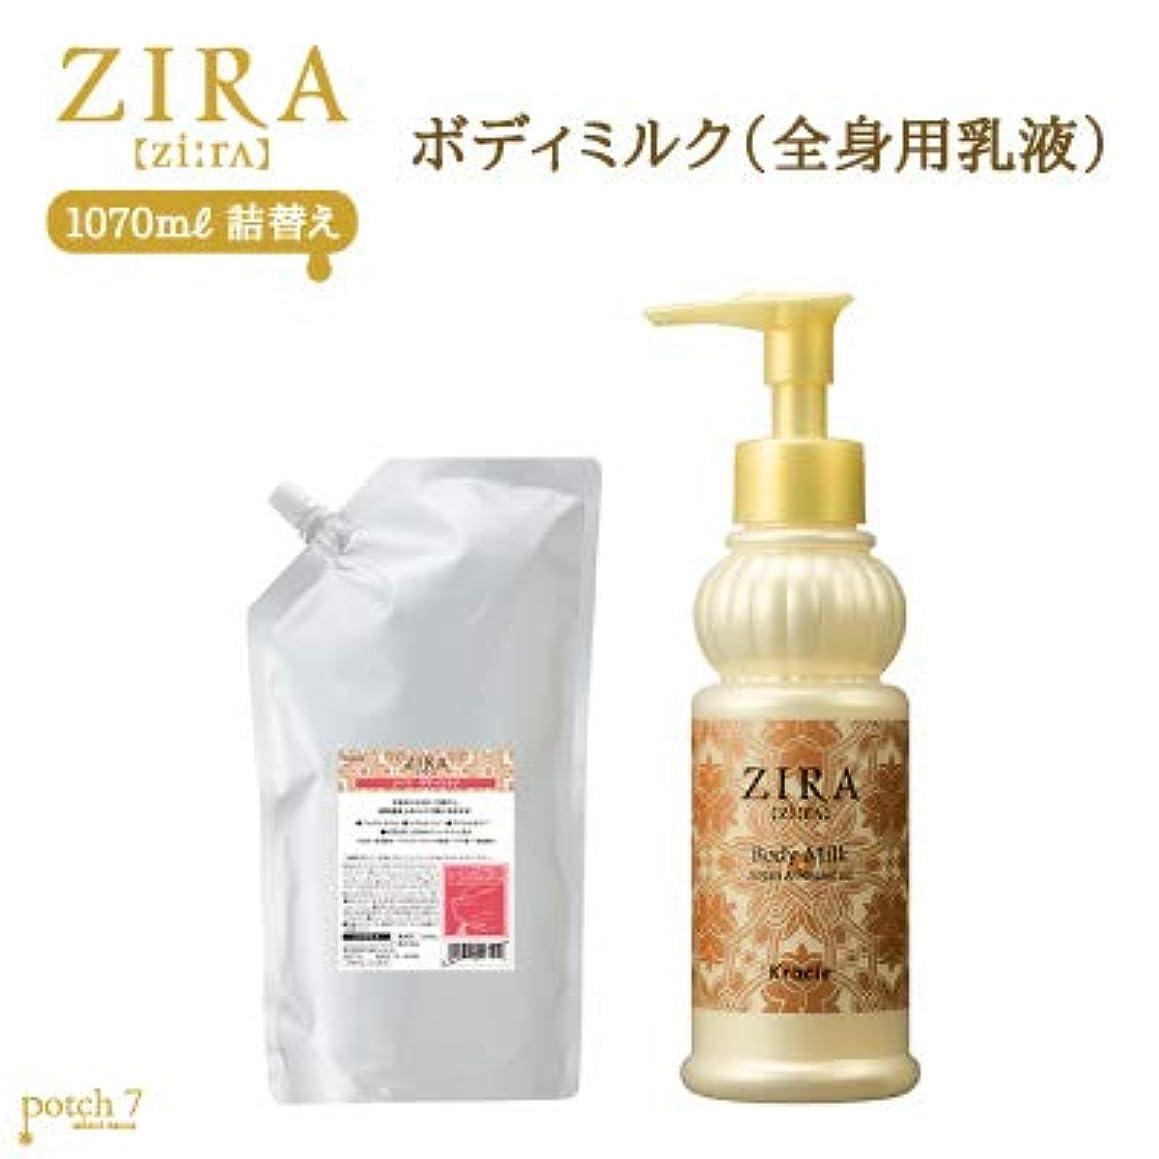 季節バターホイールkracie(クラシエ) ZIRA ジーラ ボディミルク 乳液 1070ml 業務用サイズ 詰替え 150ml×1本